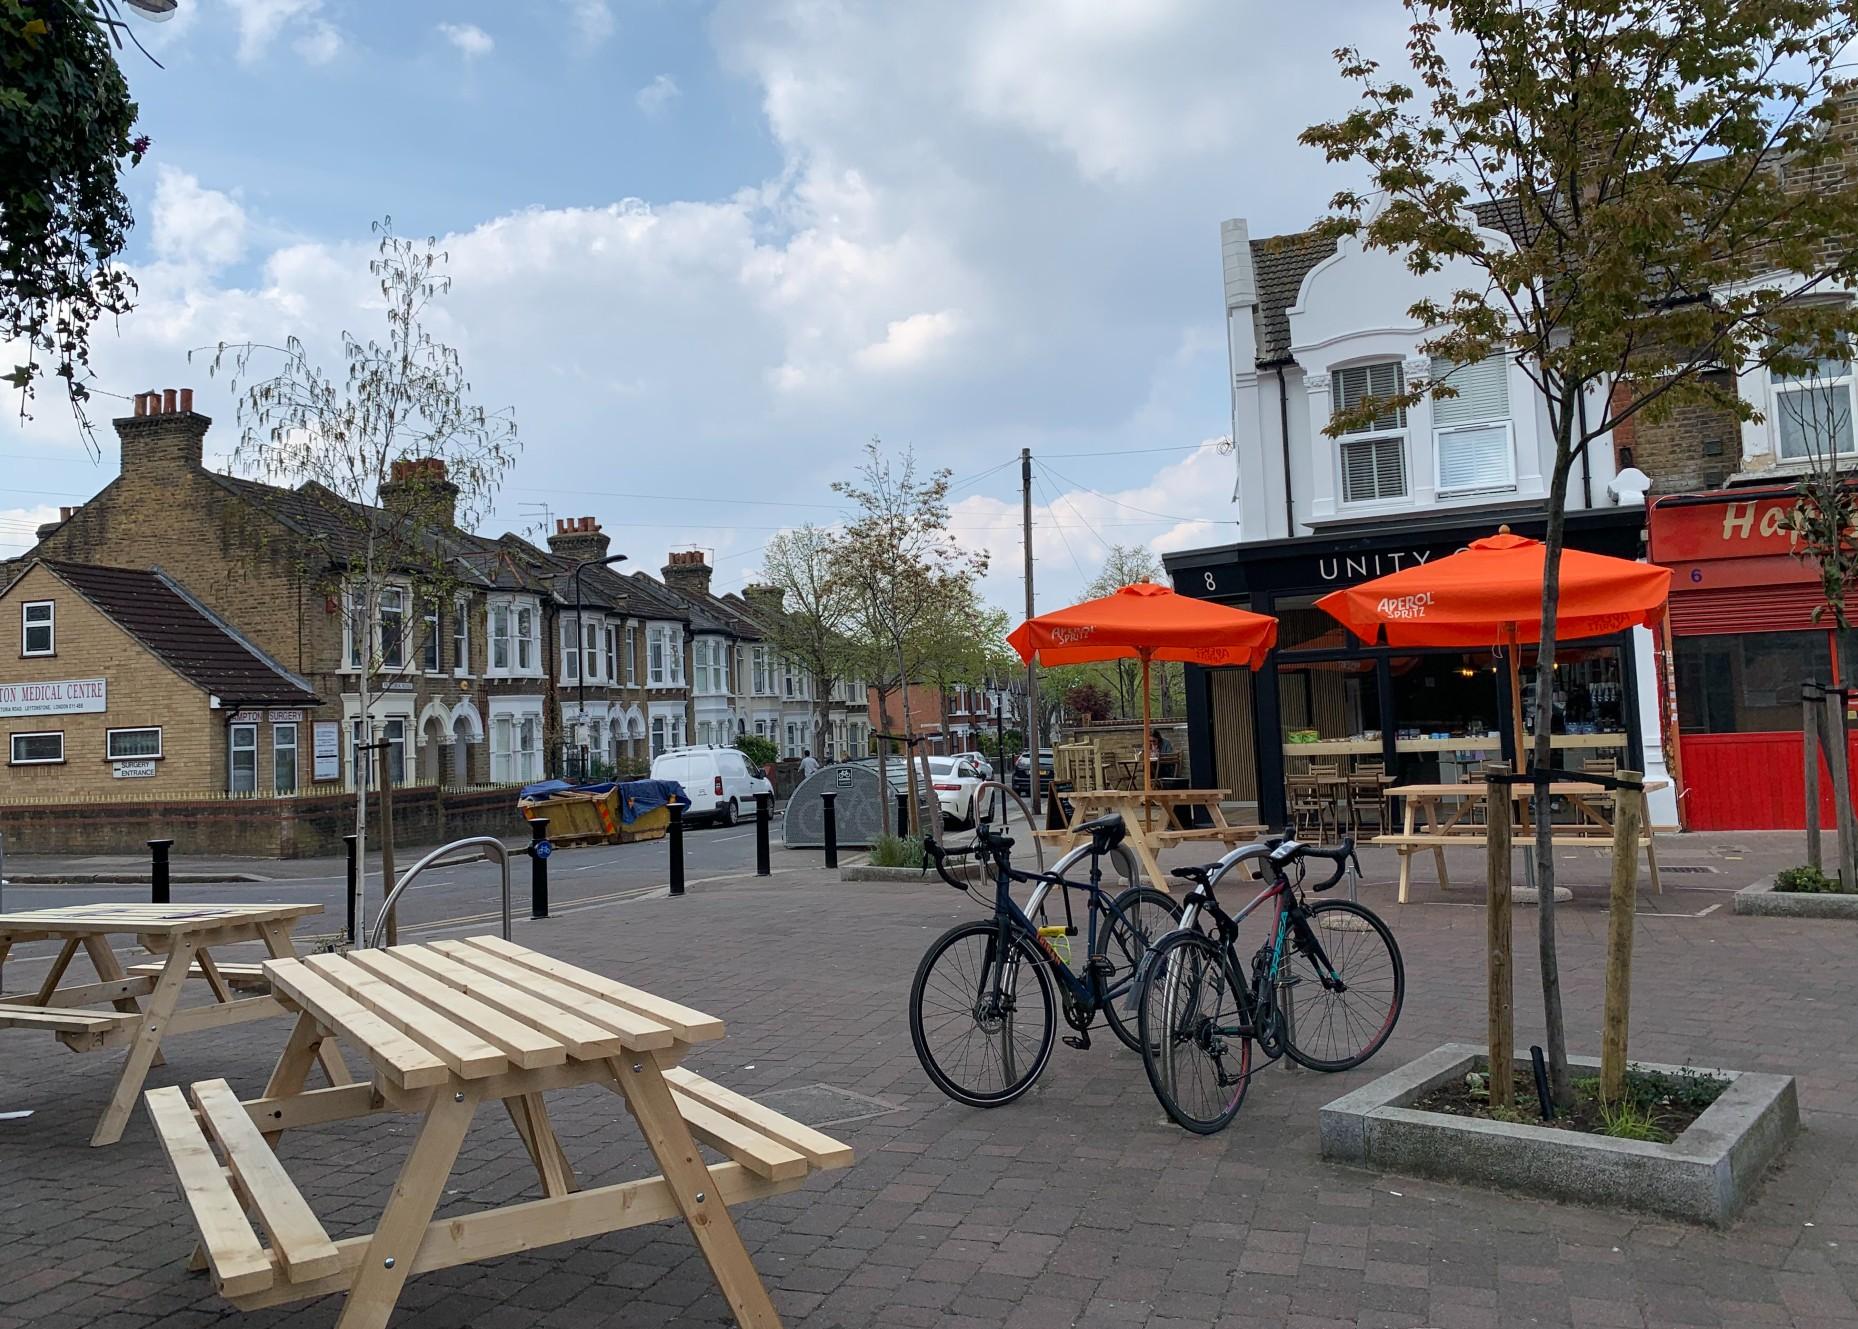 Grove Green Road piazza